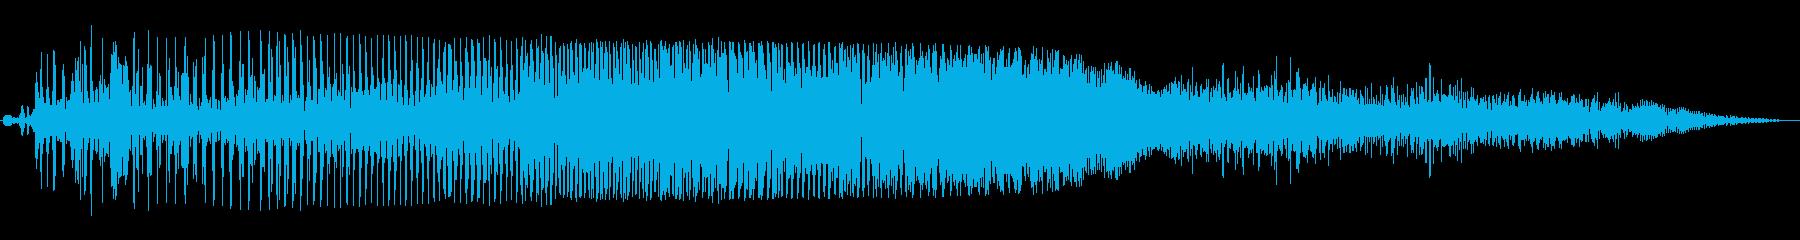 ブ〜ブル〜ン(オートバイのエンジン音)の再生済みの波形